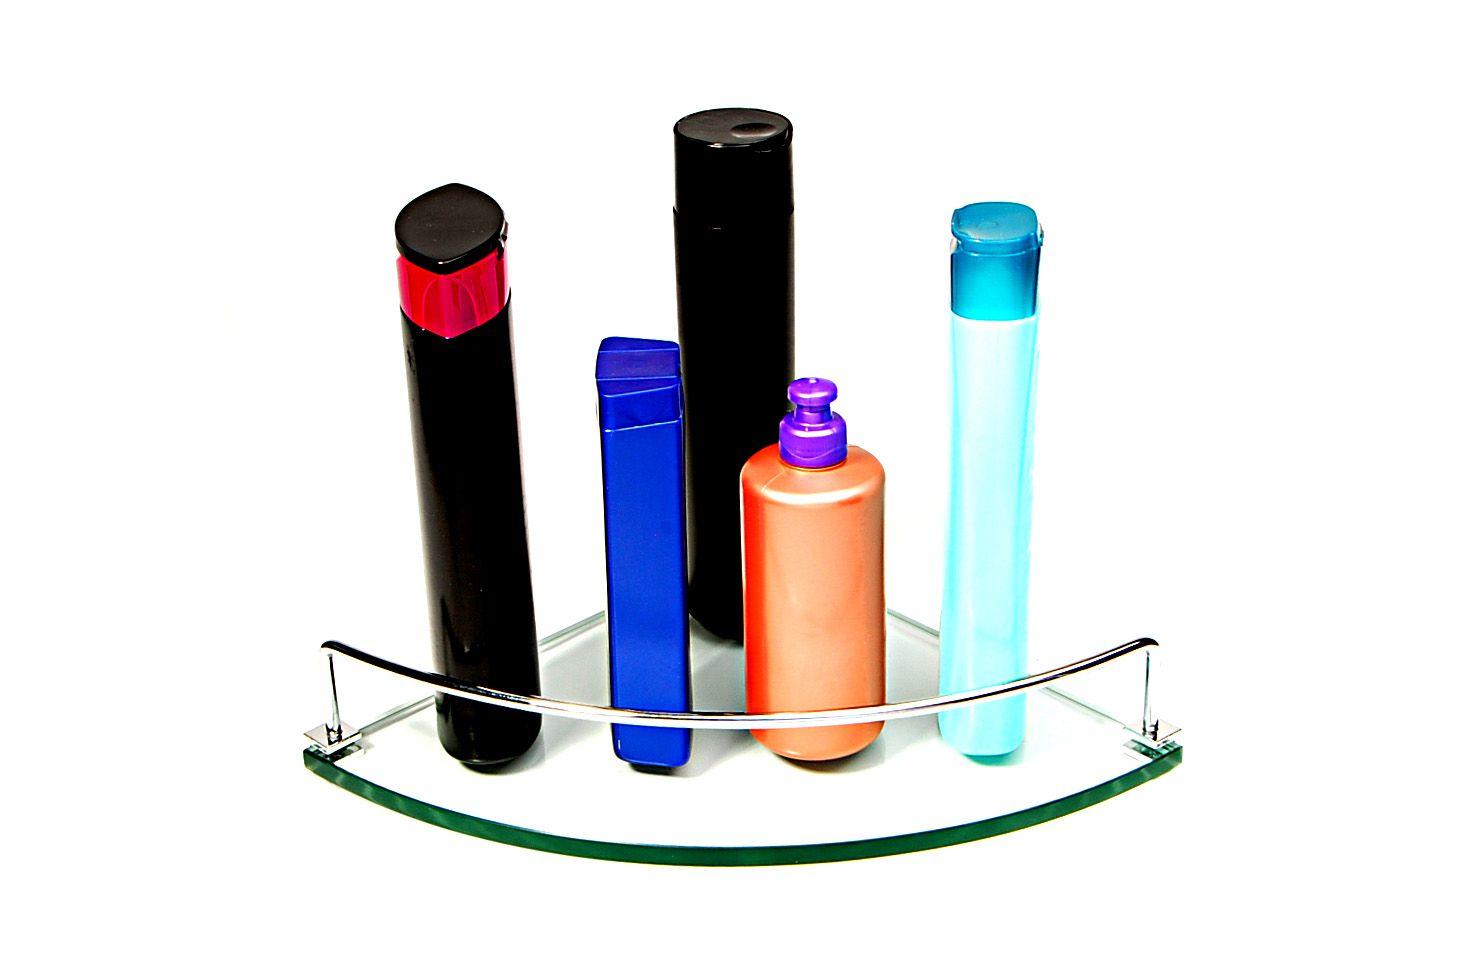 Porta Shampoo Canto Curvo em Vidro Incolor Lapidado - Aquabox  - 25cmx25cmx10mm